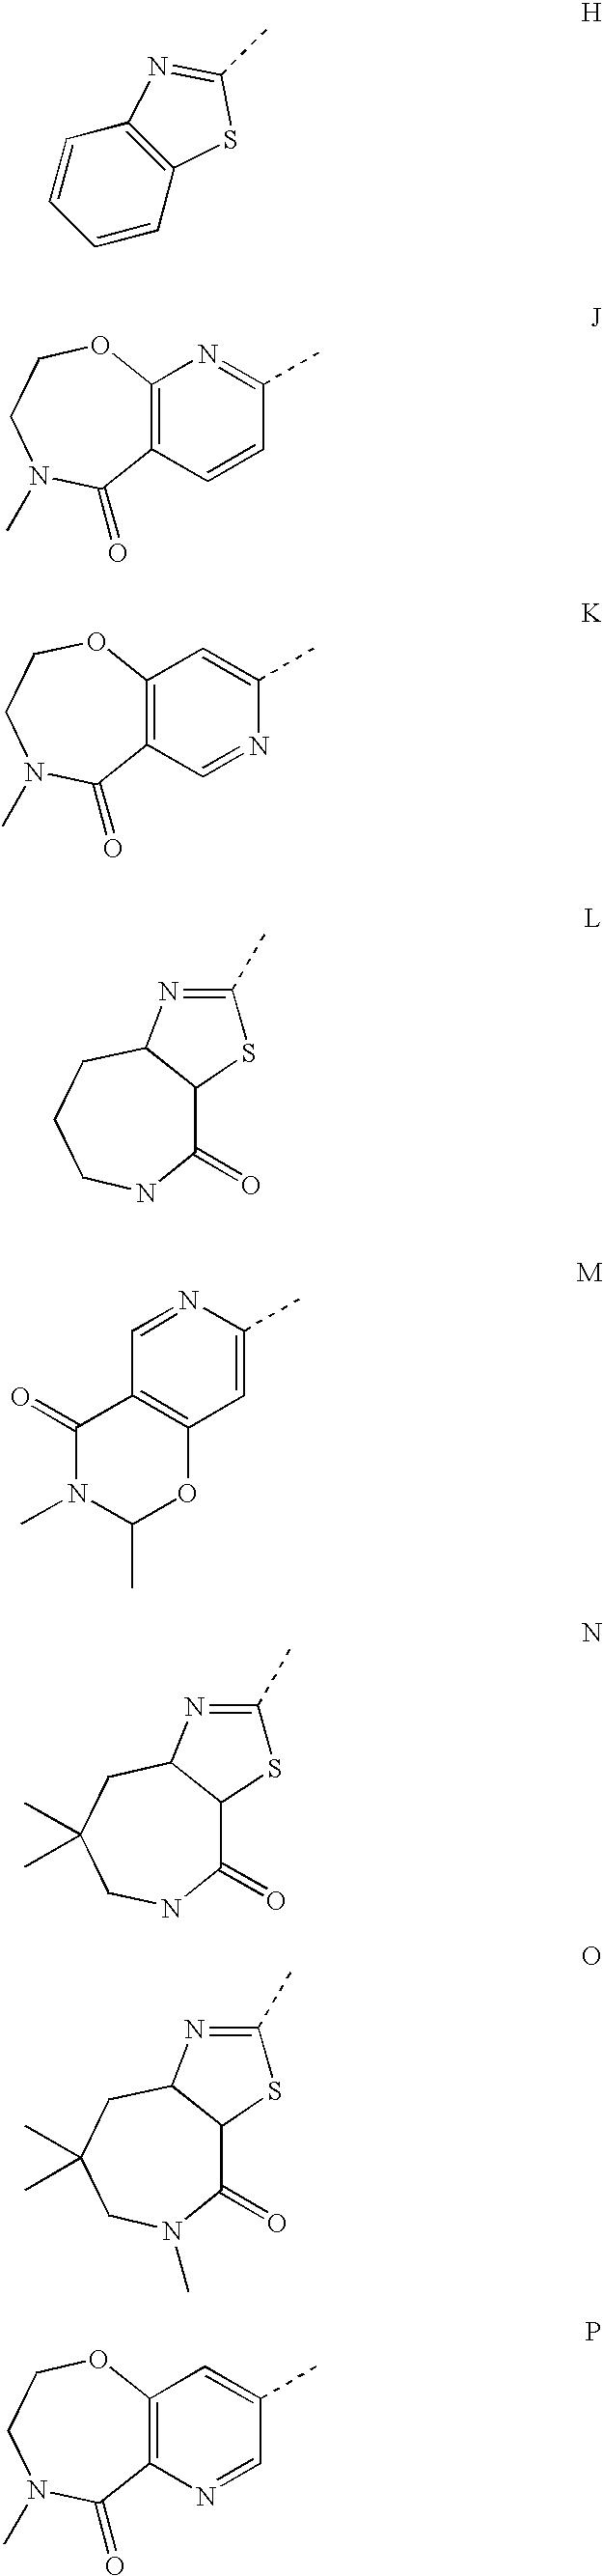 Figure US07902200-20110308-C00015